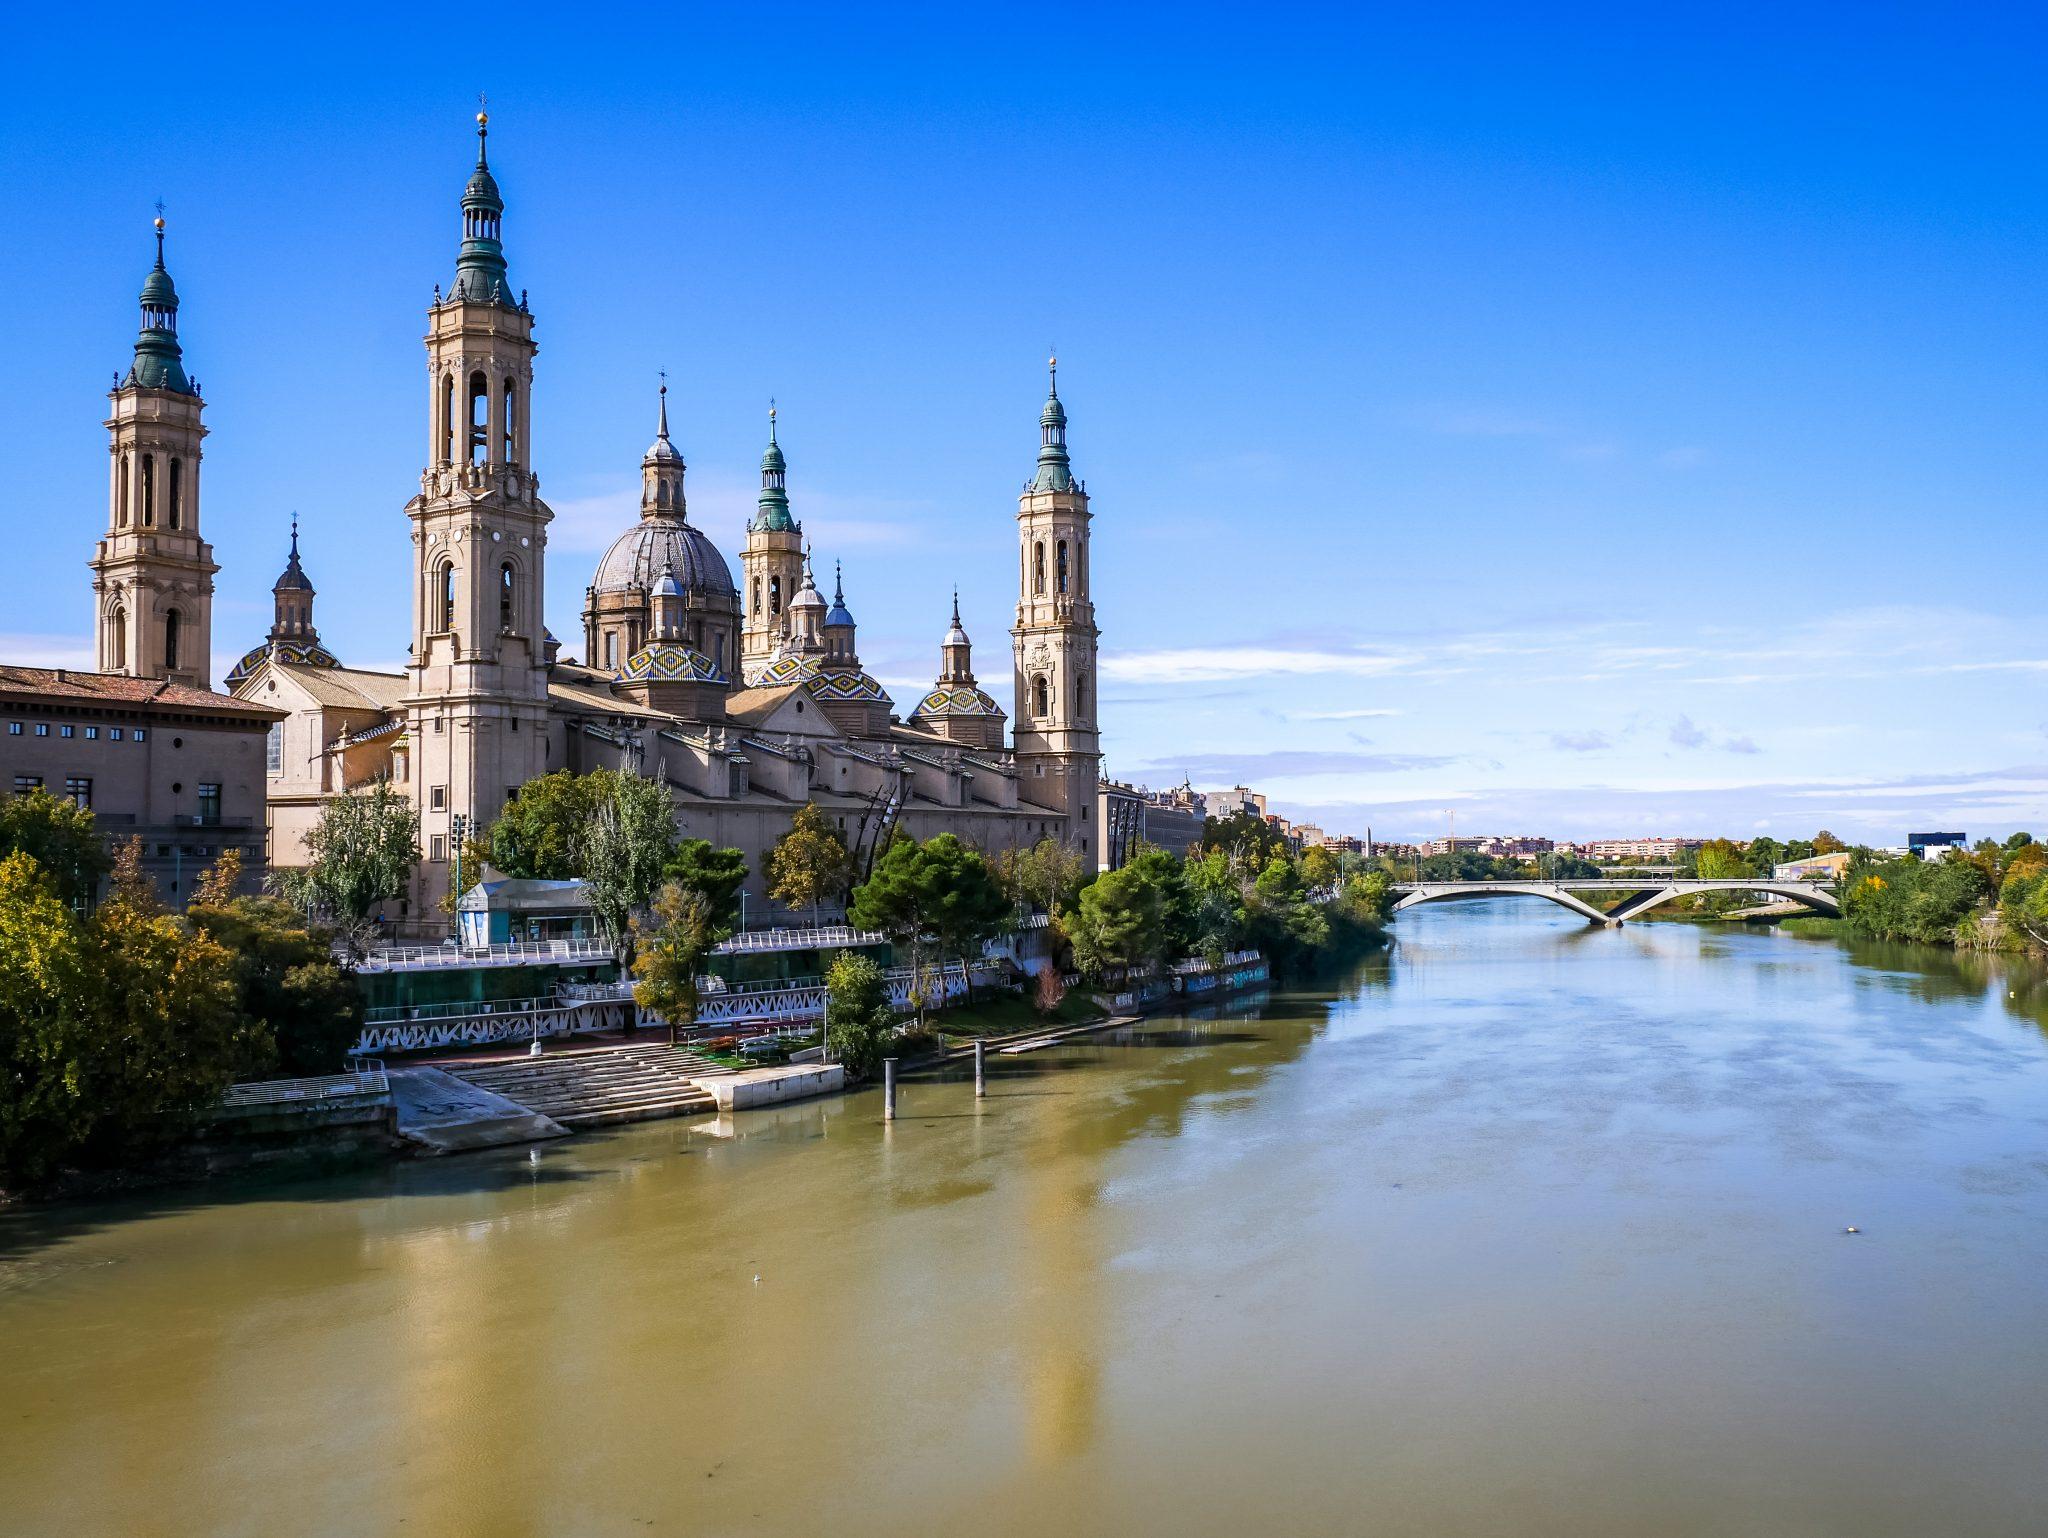 Von der Puente de Piedra hast du einen der besten Blicke auf die Basílica de Nuestra Señora del Pilar.